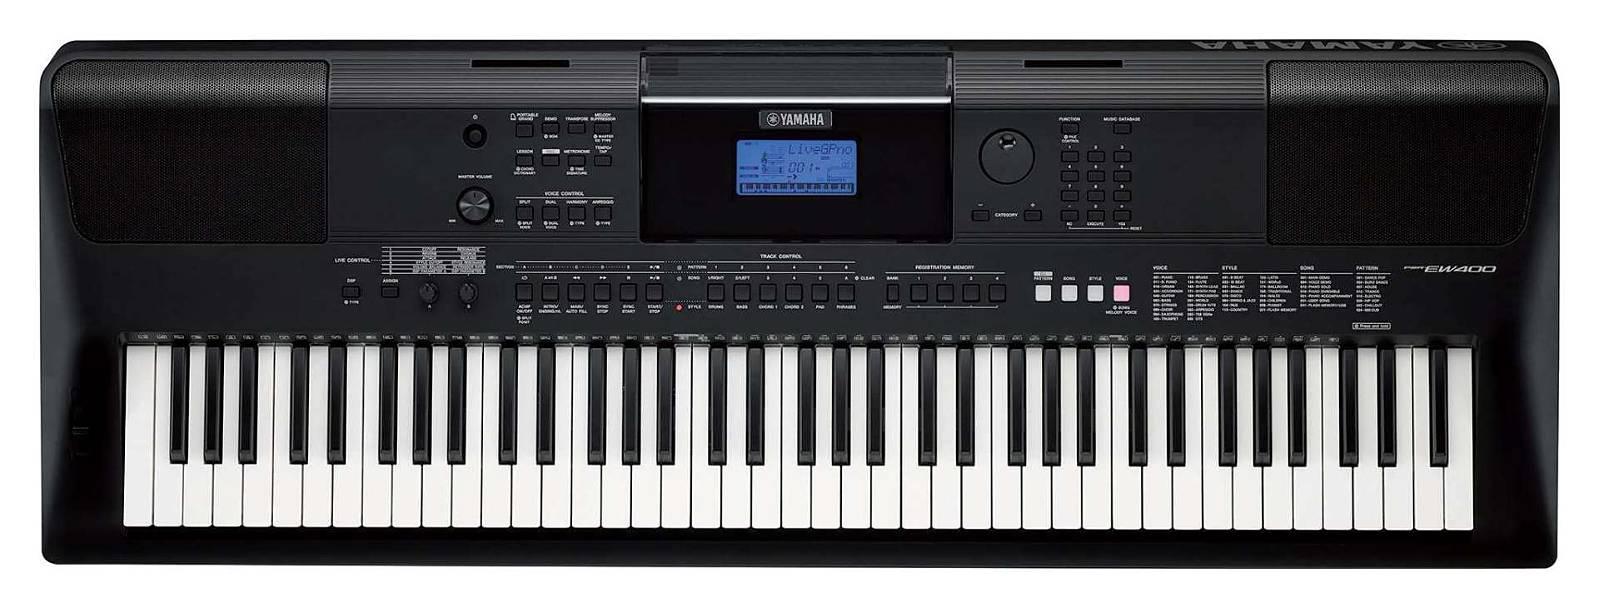 So sánh đàn organ Yamaha với Roland